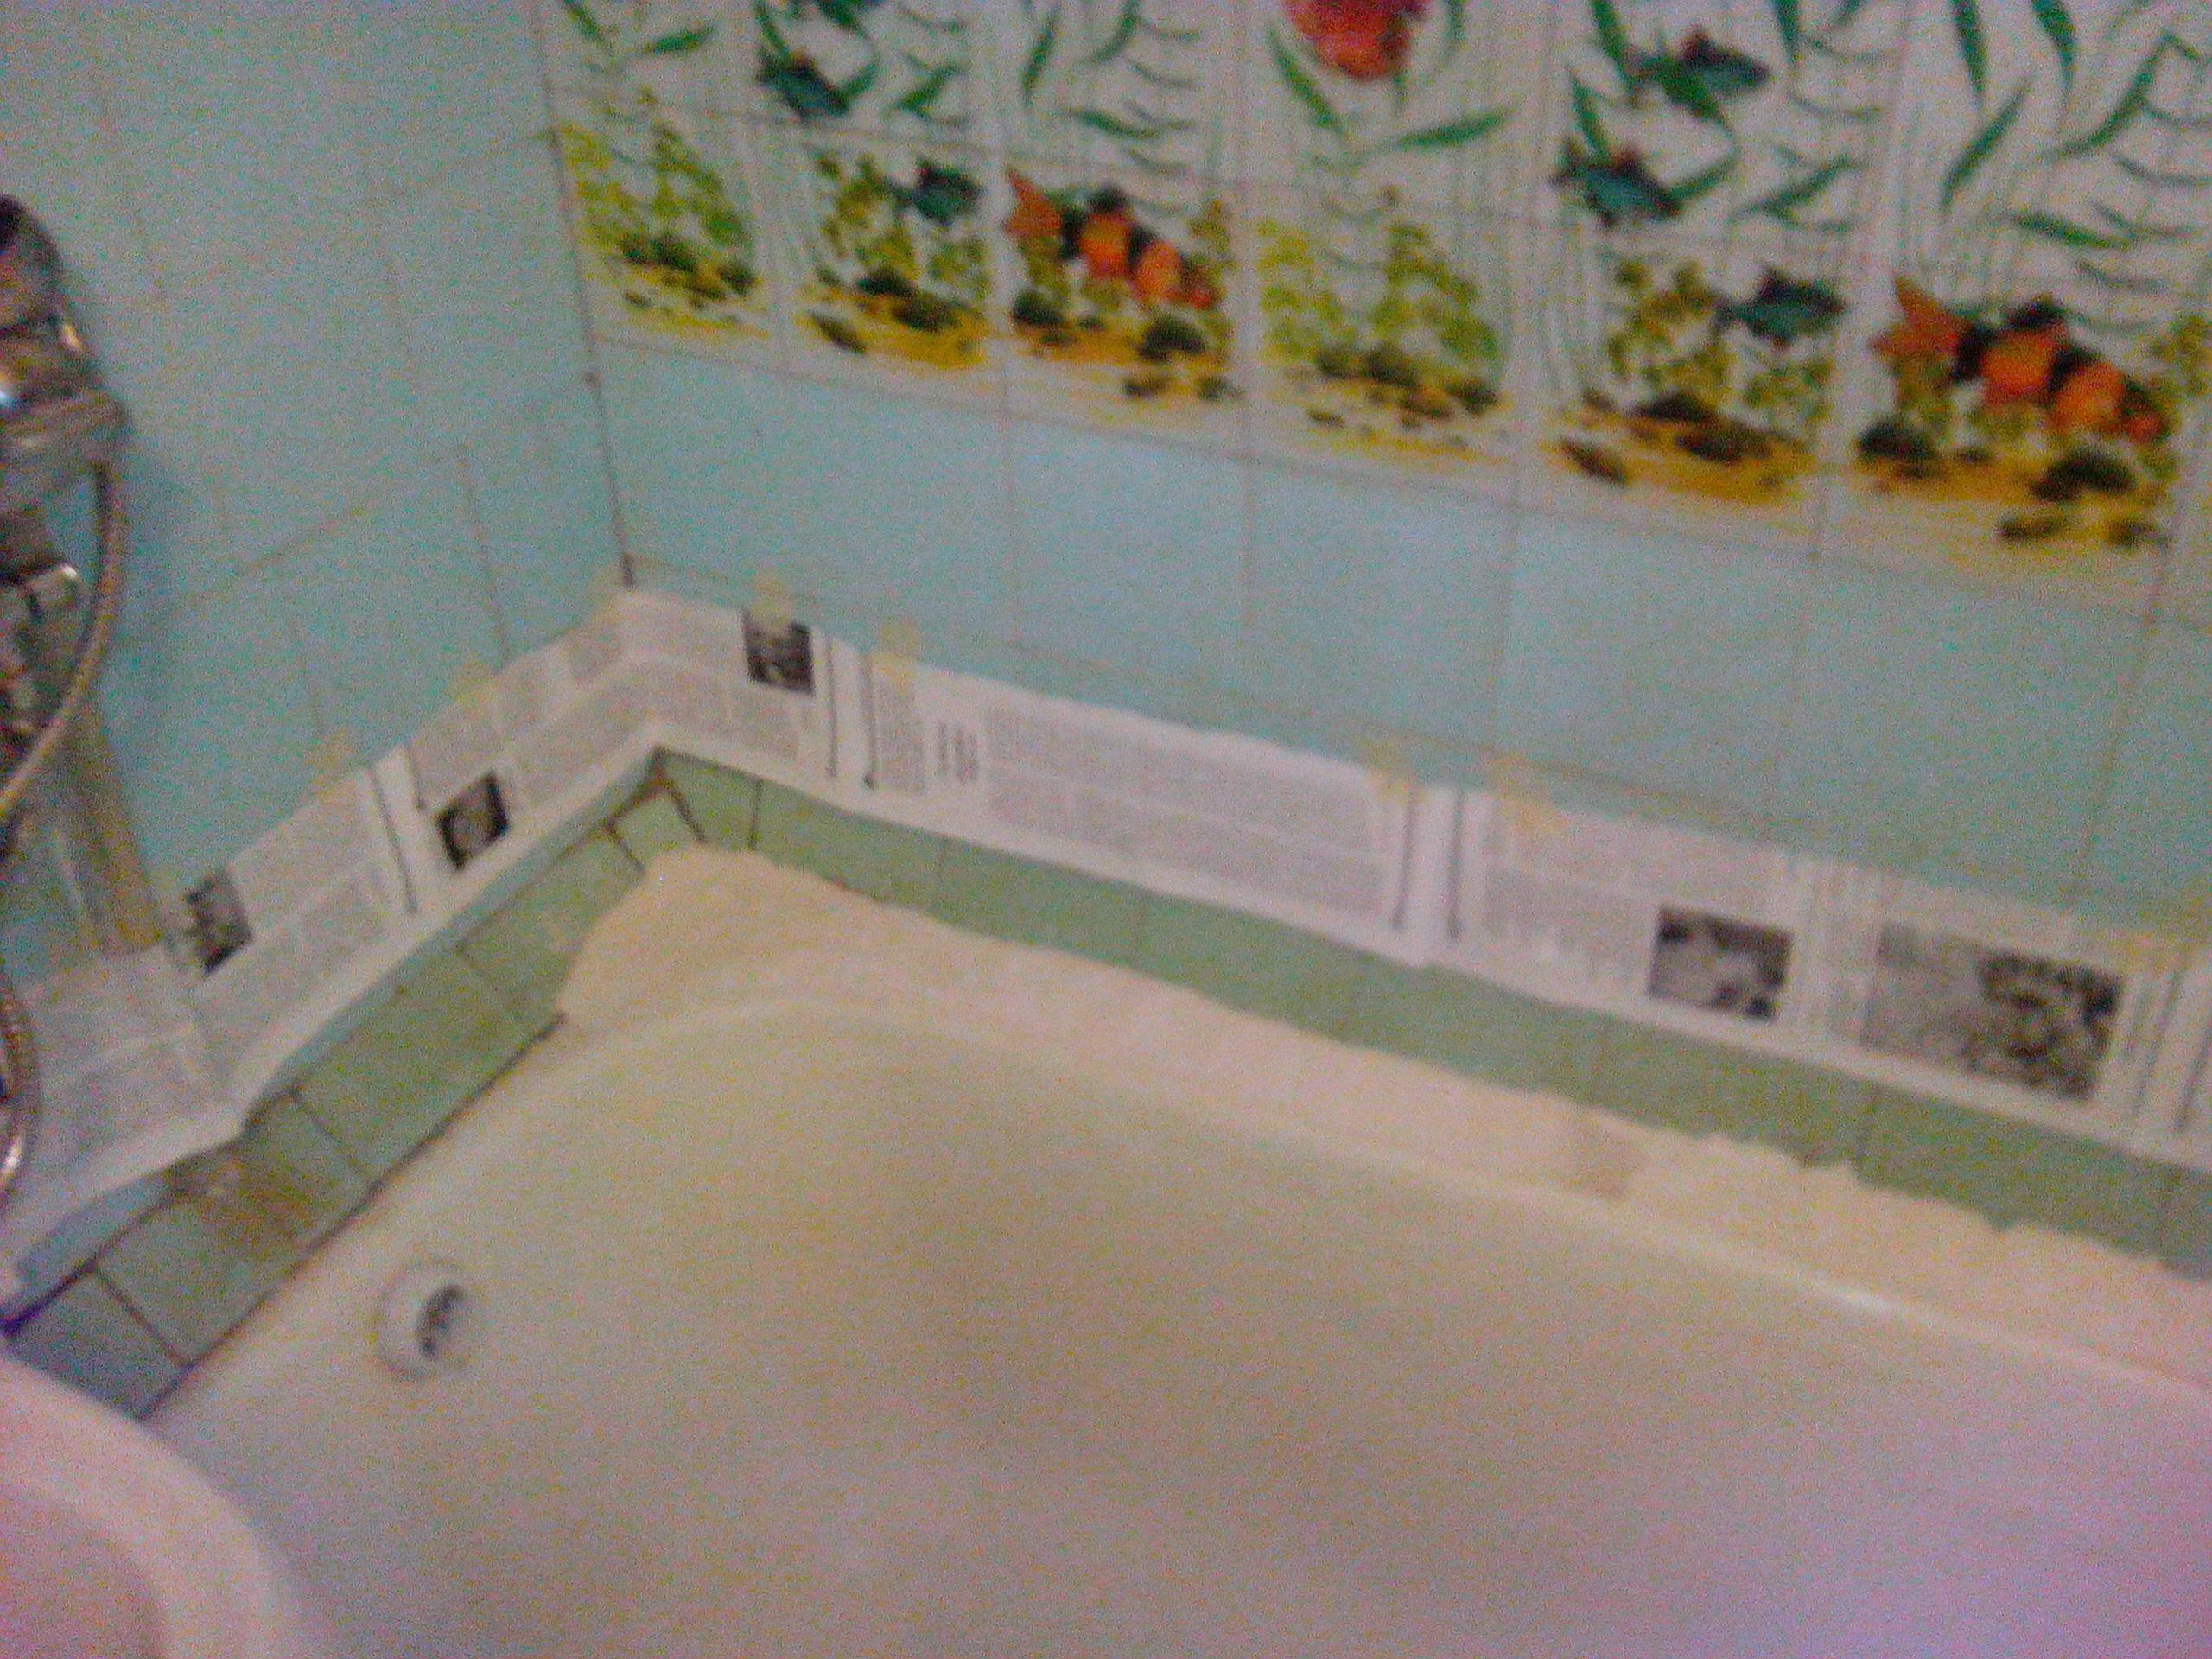 Как заделать стык между ванной и стеной: монтажный инструктаж 53